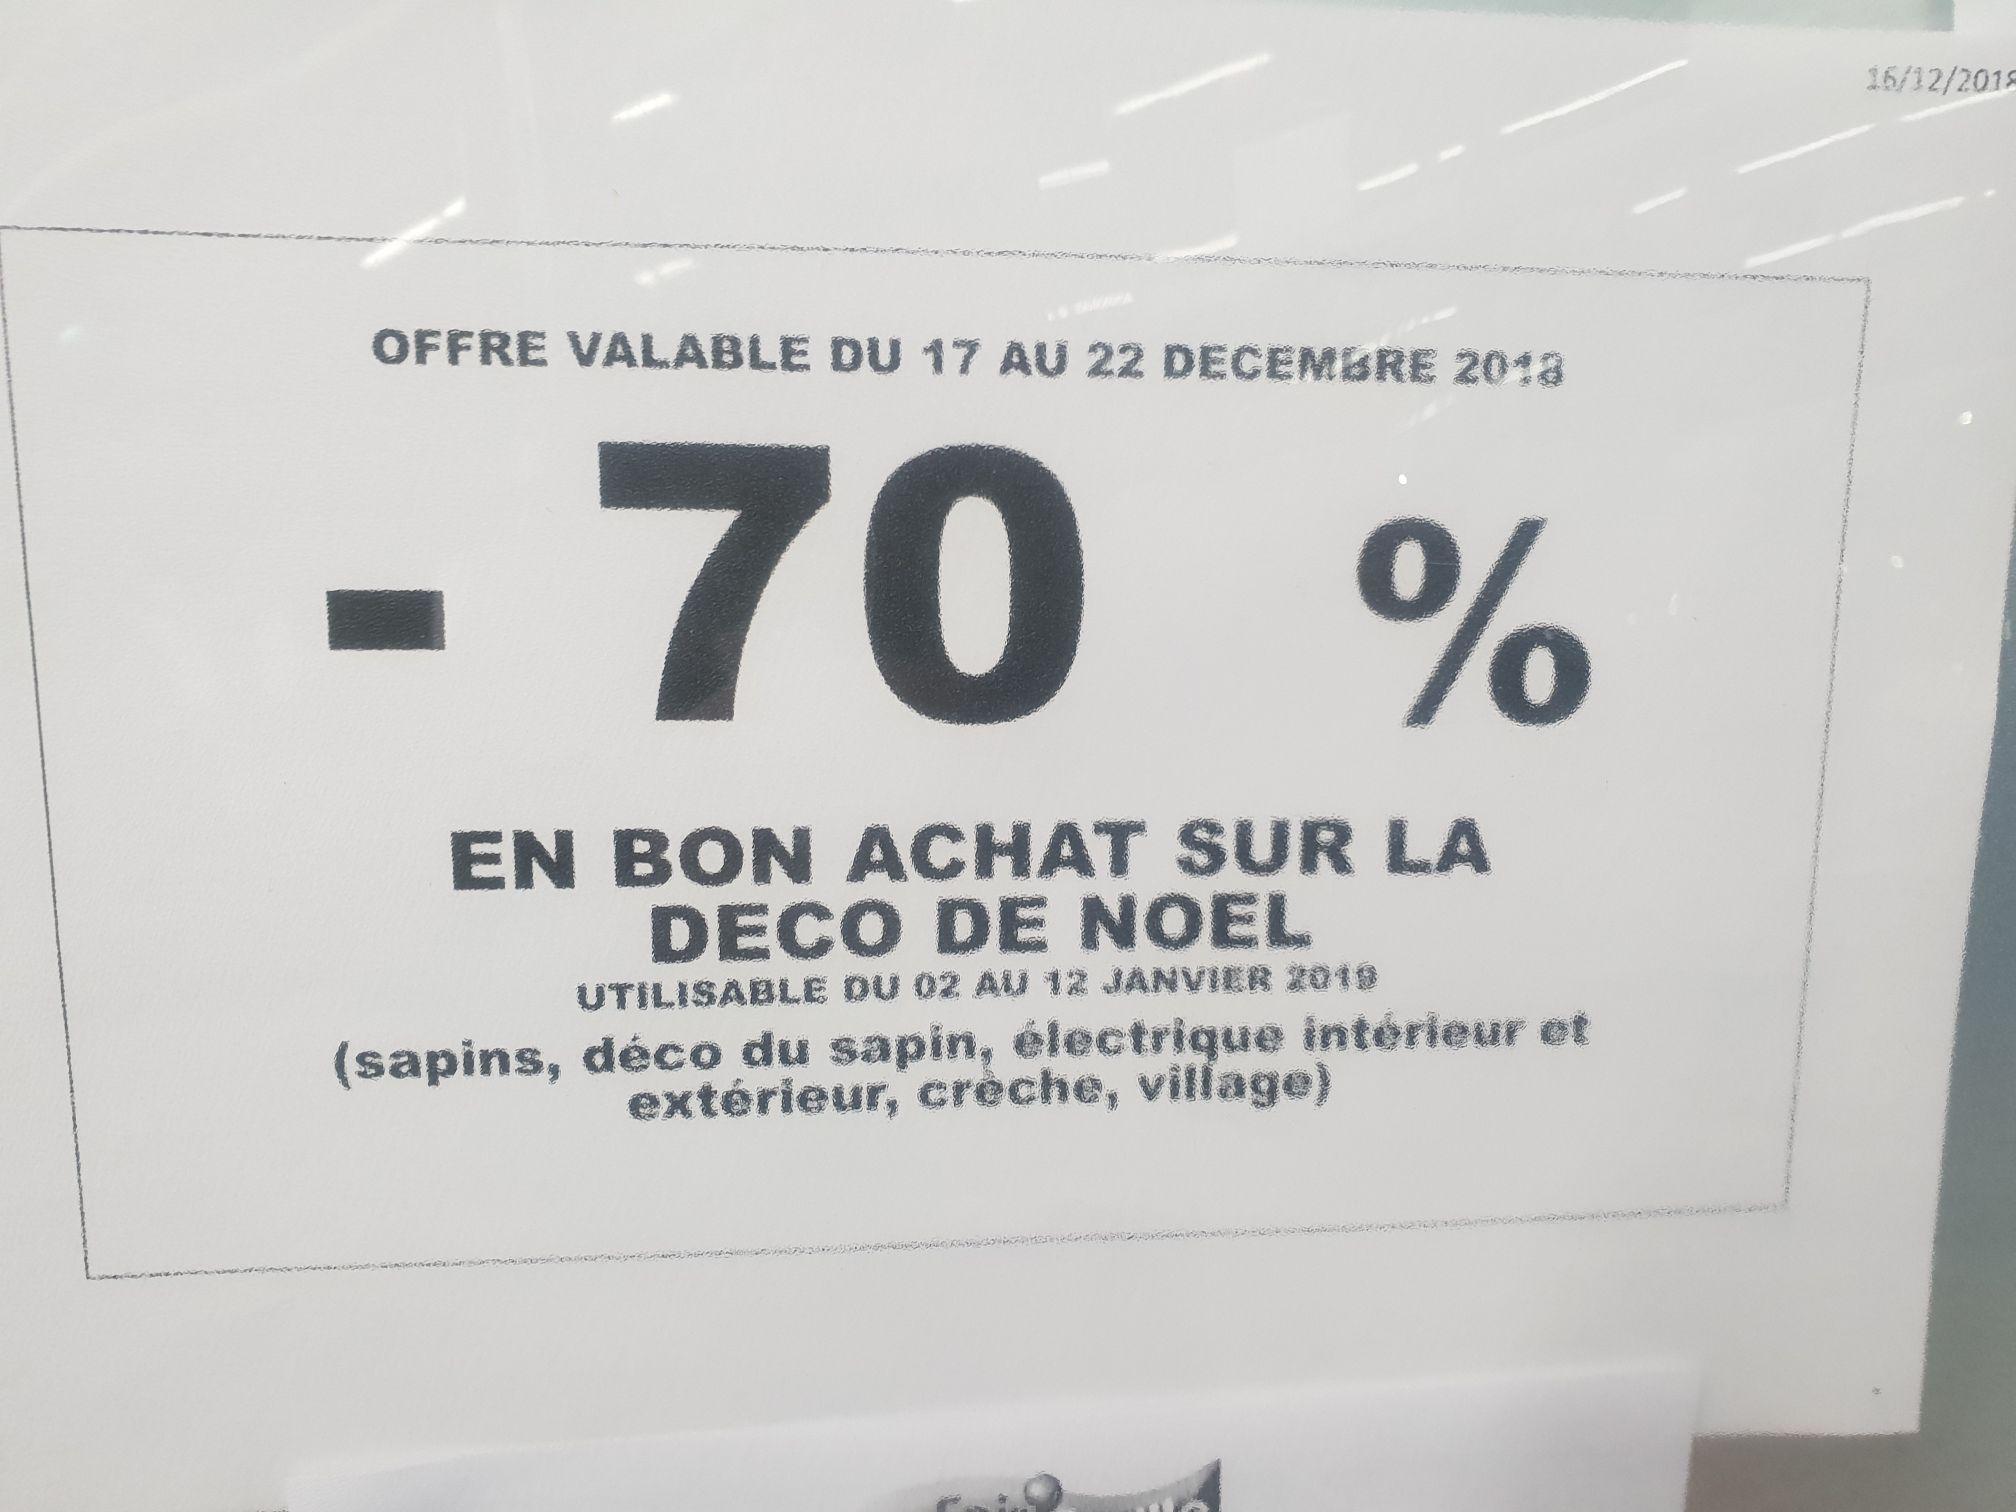 70% offerts en Bon d'achat sur la décoration de Noël - Lexy (54)